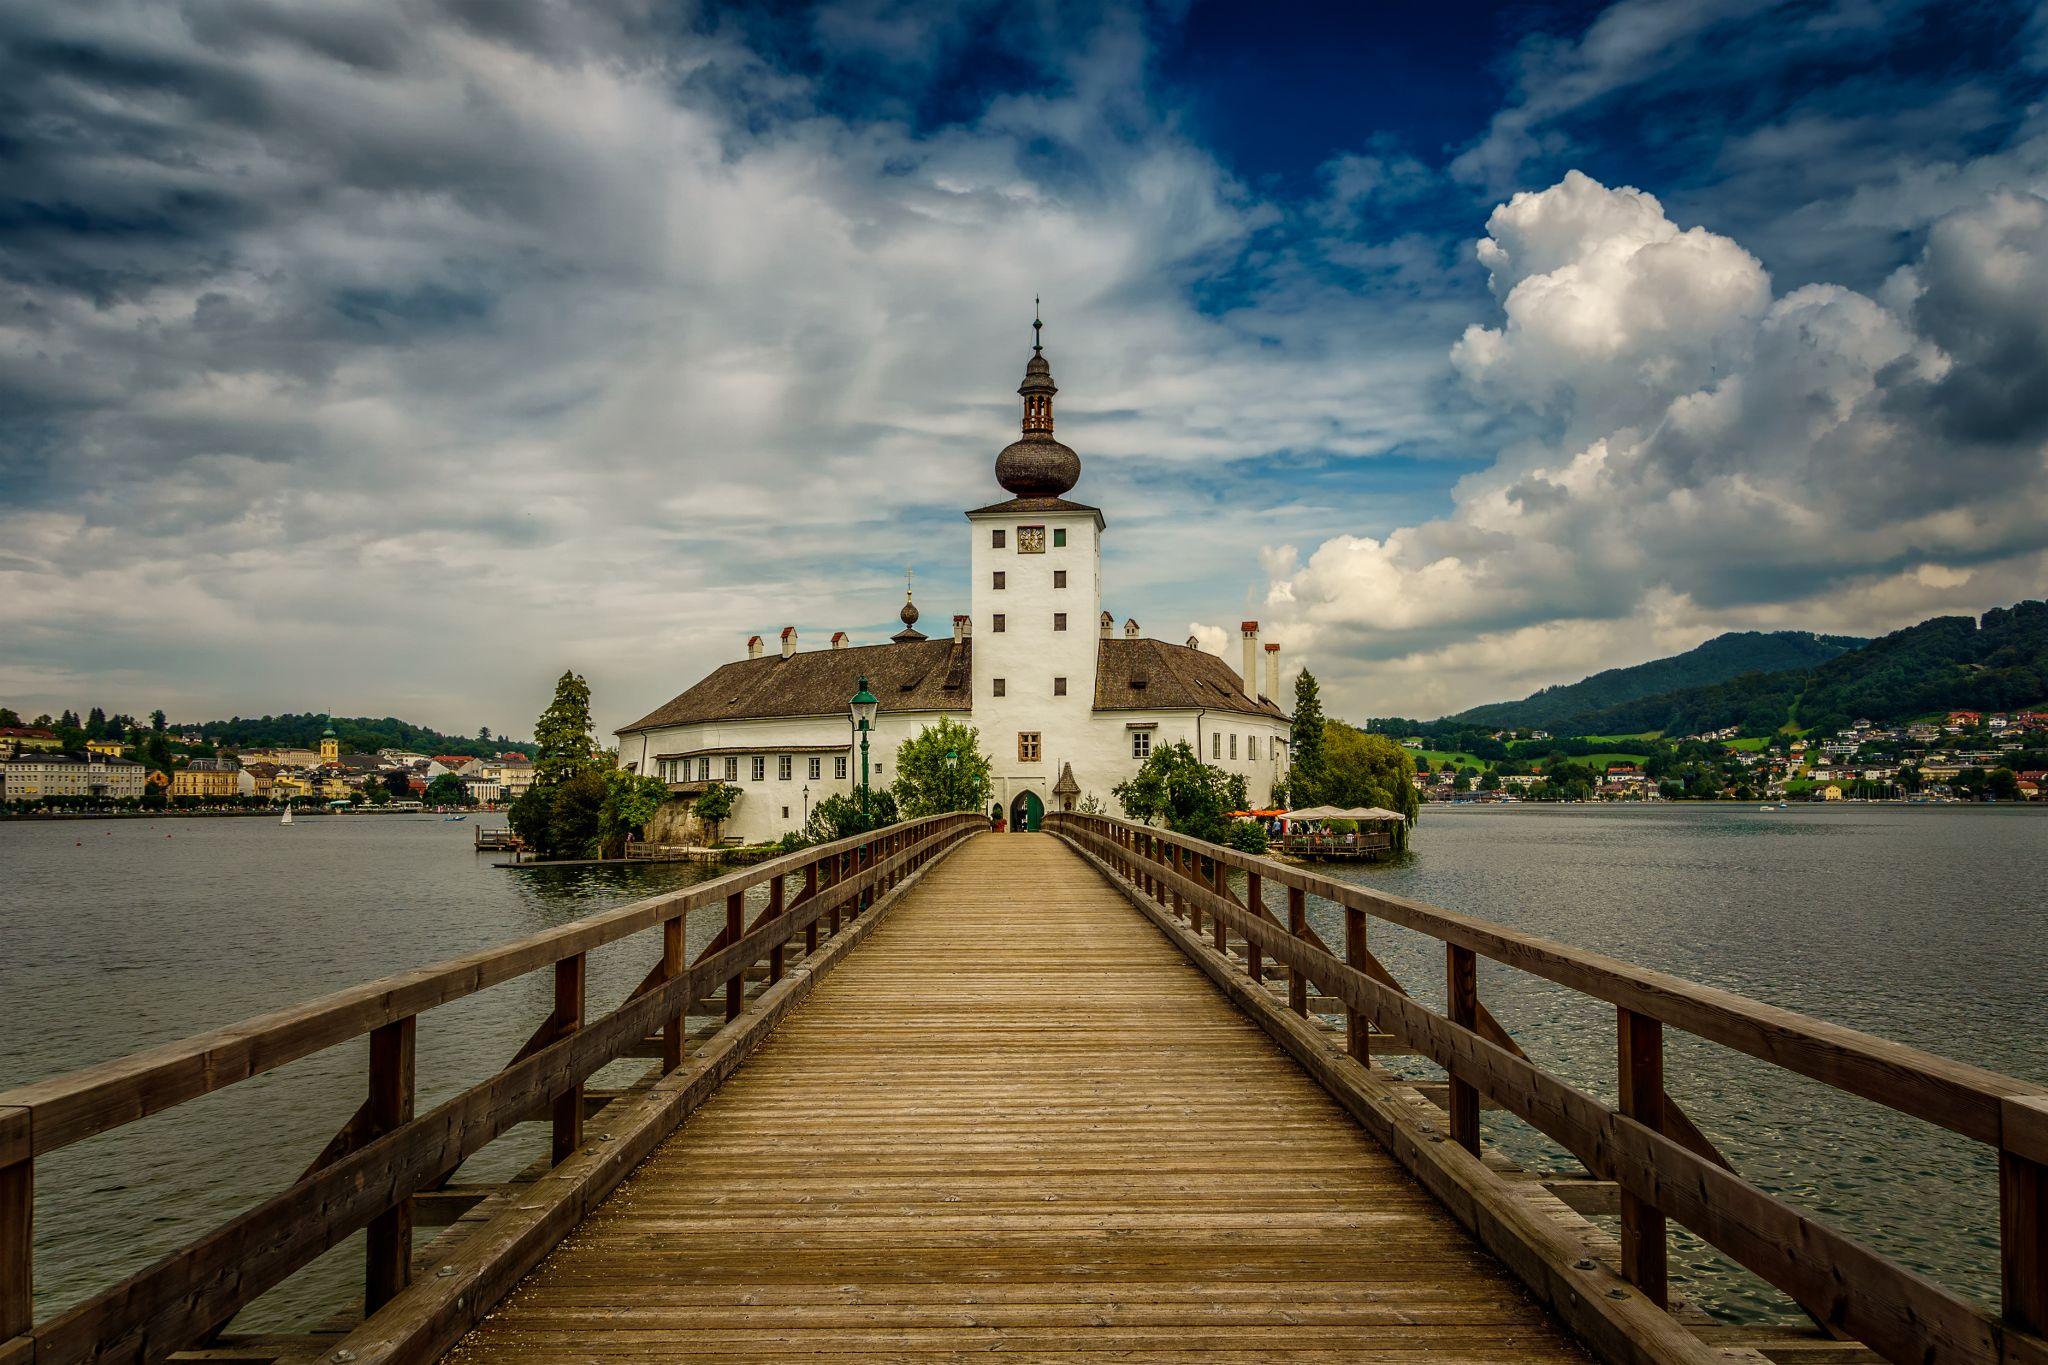 Schloss Ort, Austria